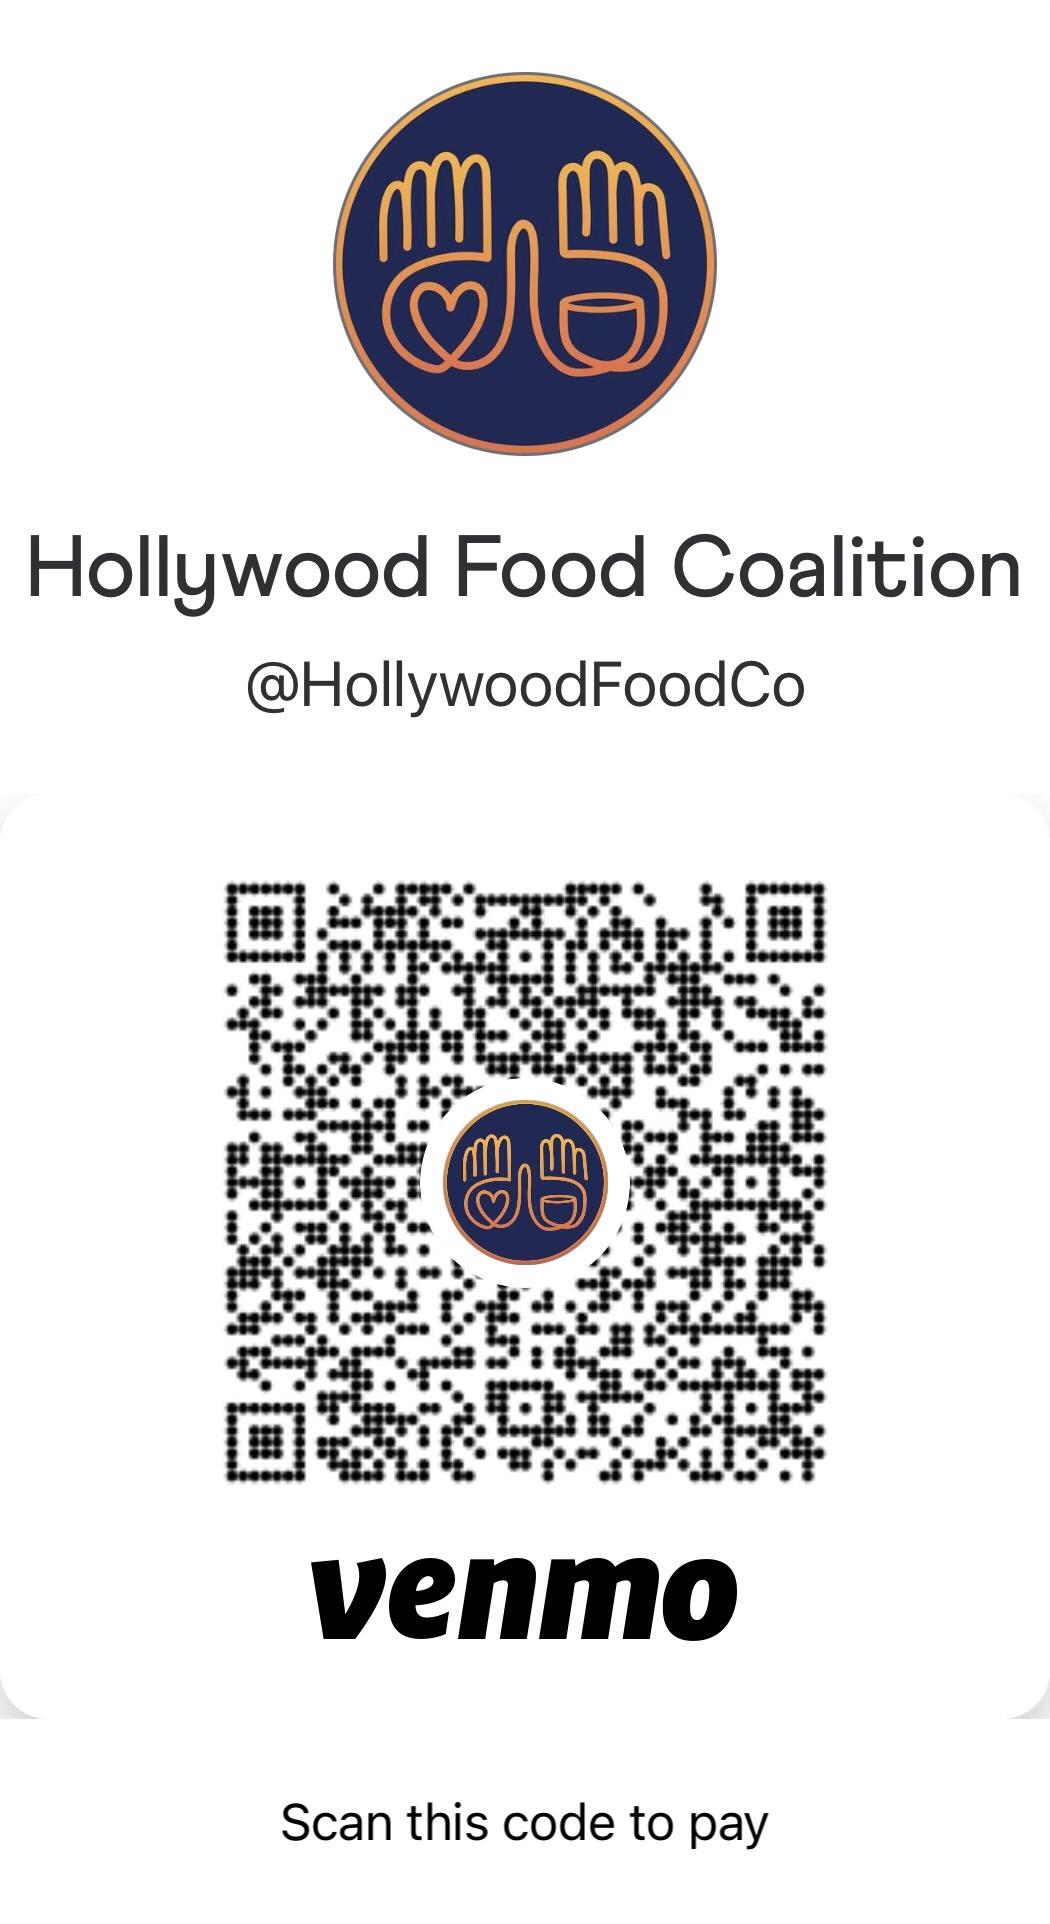 HoFoCo Venmo QR Code